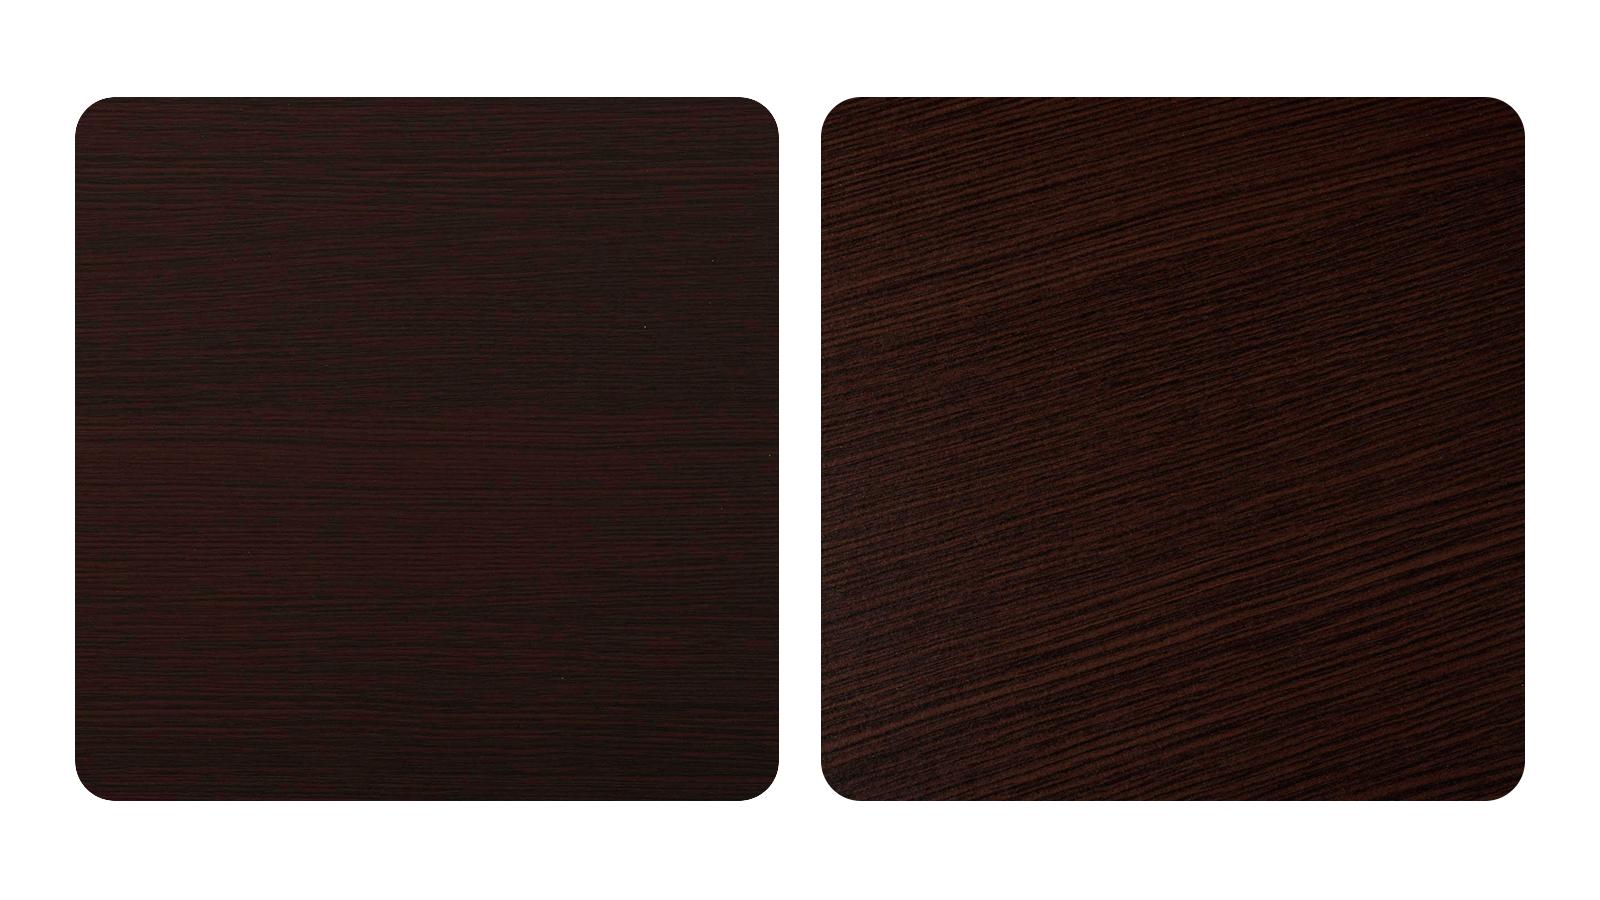 Textura del laminado opaco para puertas de madera prefabricada